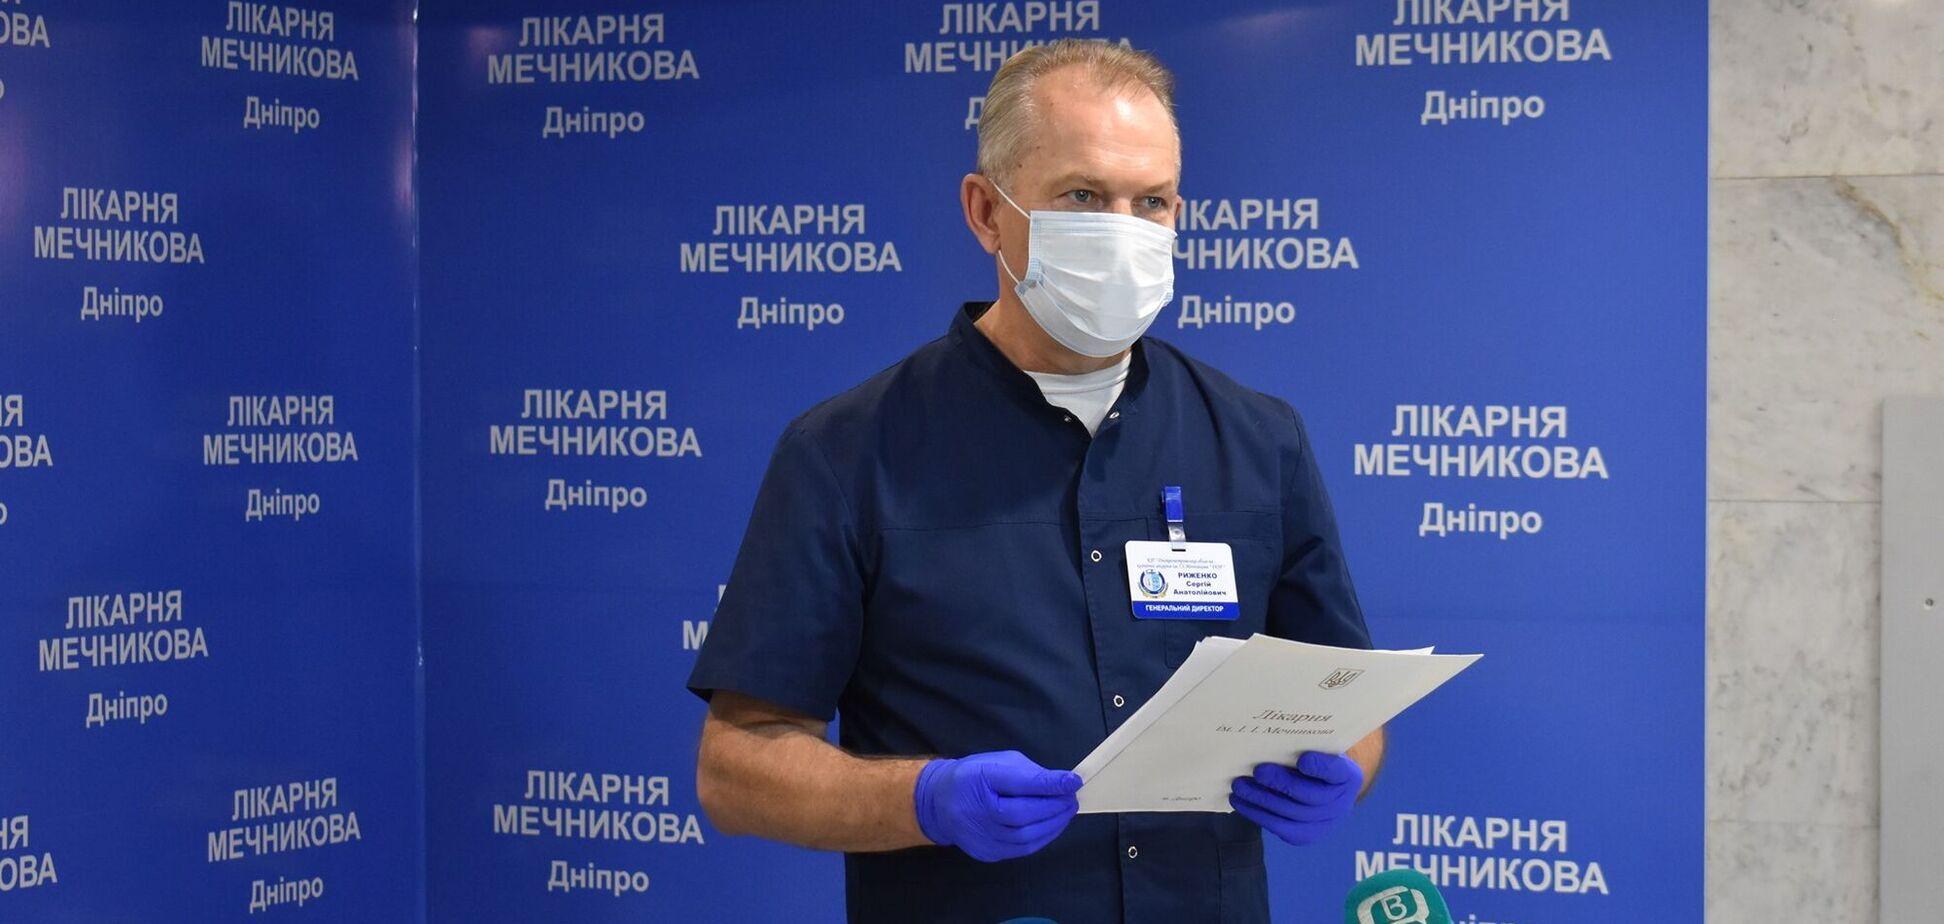 Главный врач областной больницы Мечникова в Днепре